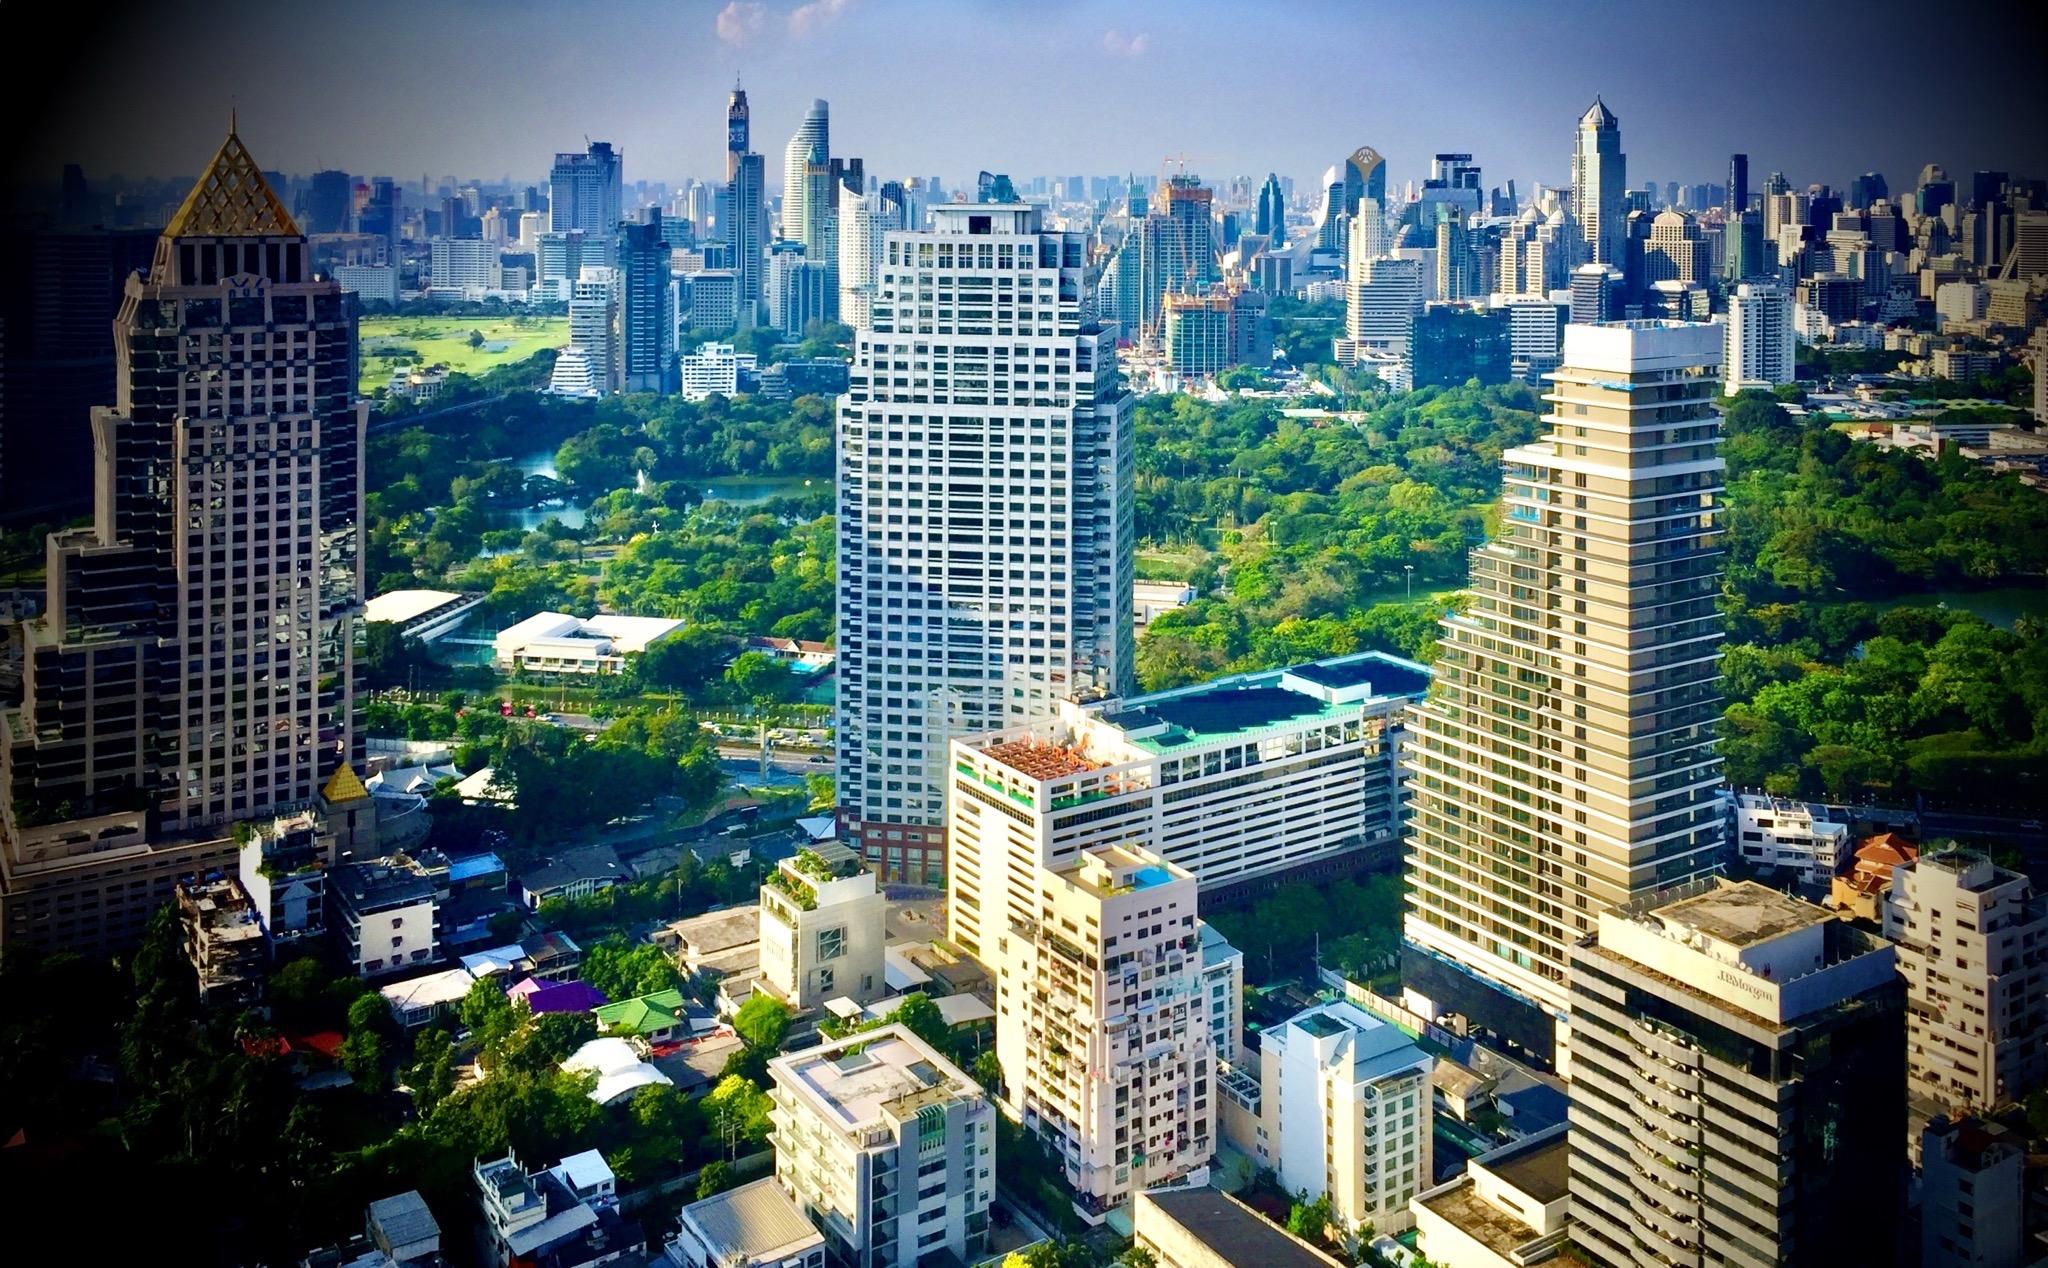 Hotels in Asia increasingly worried as debts mount